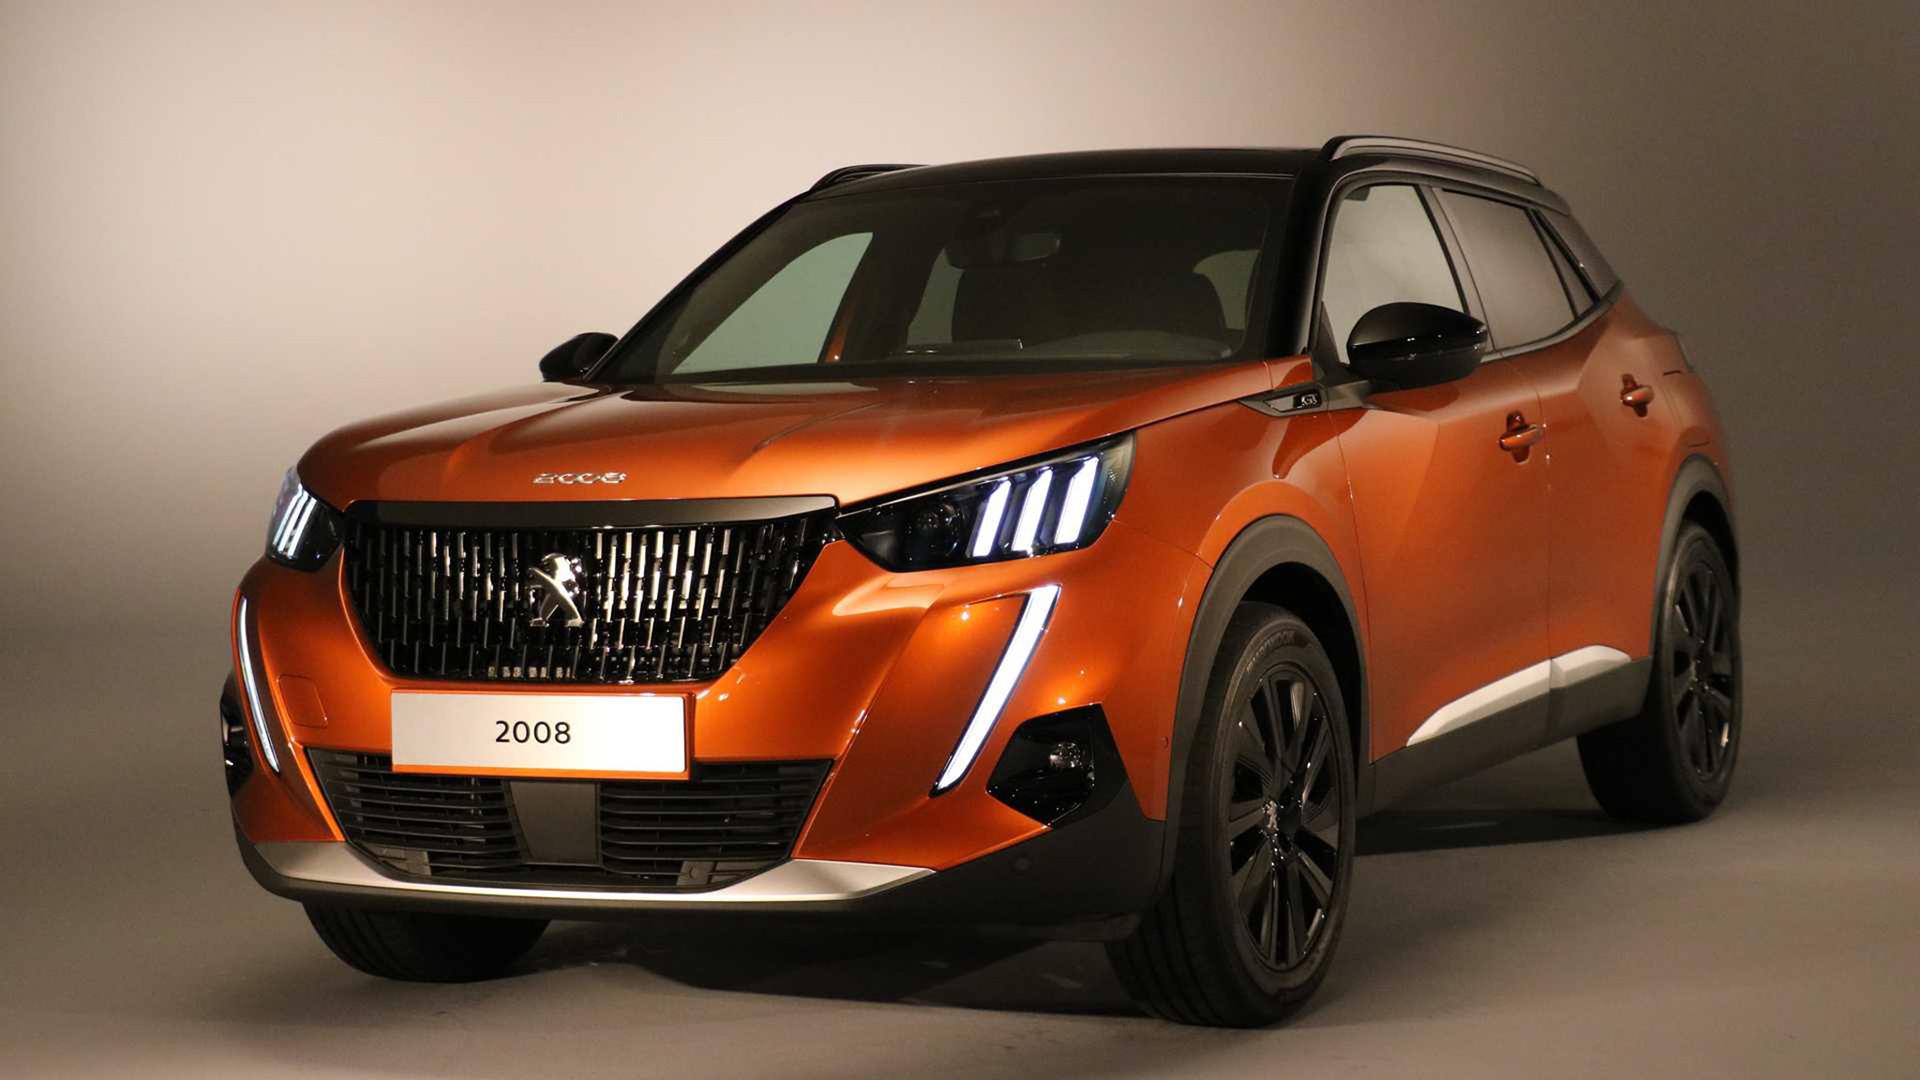 Peugeot giới thiệu thế hệ mới 2008 - 23